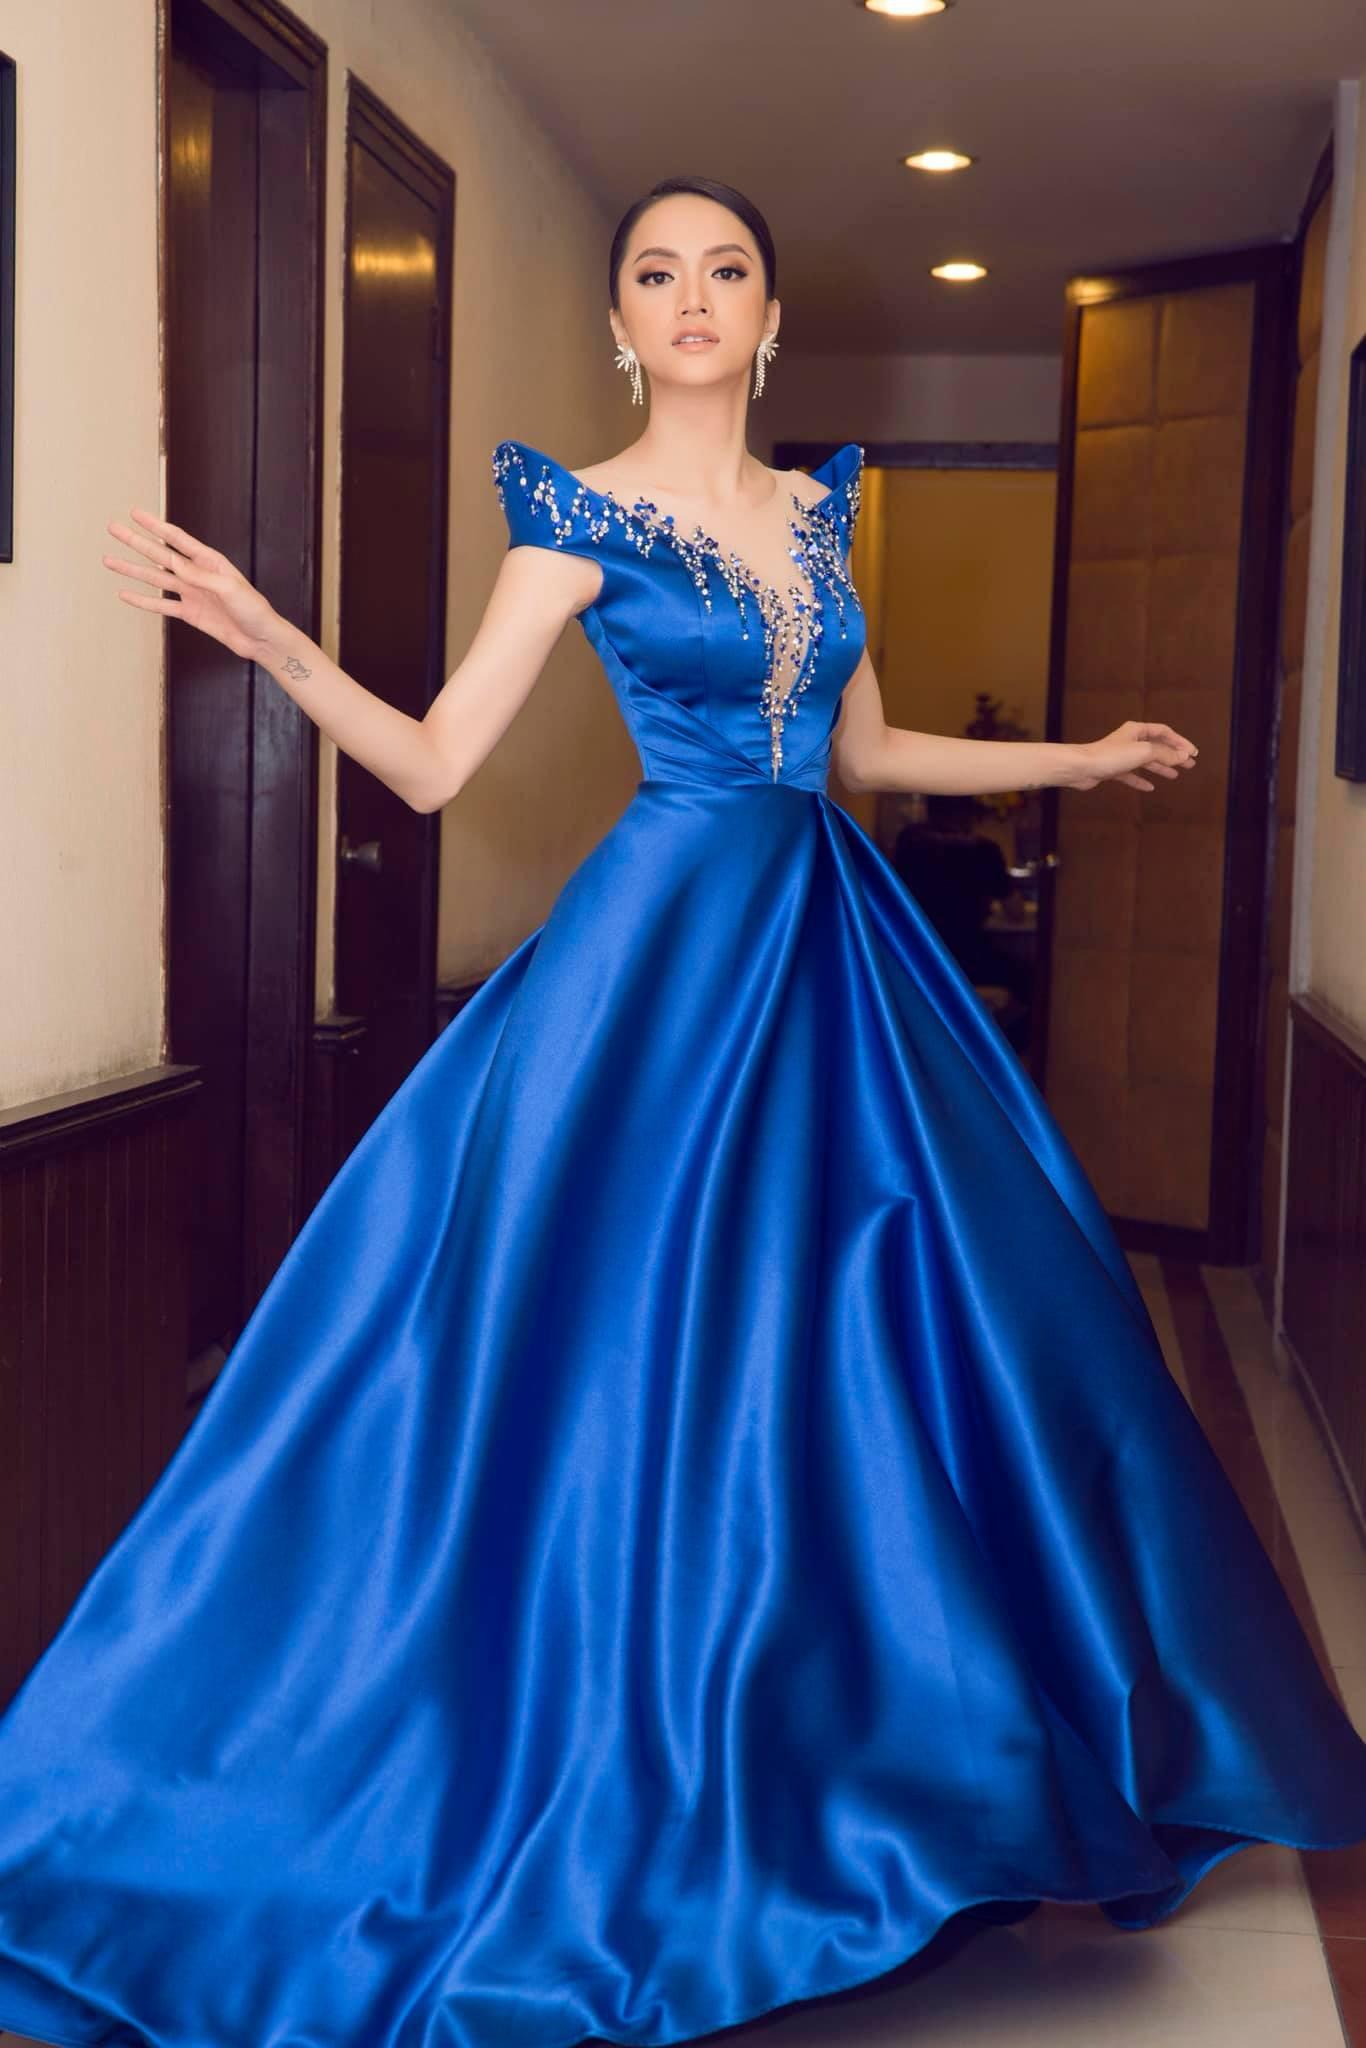 Những chiếc váy giúp Hoa hậu Hương Giang nâng tầm đẳng cấp  - Ảnh 20.